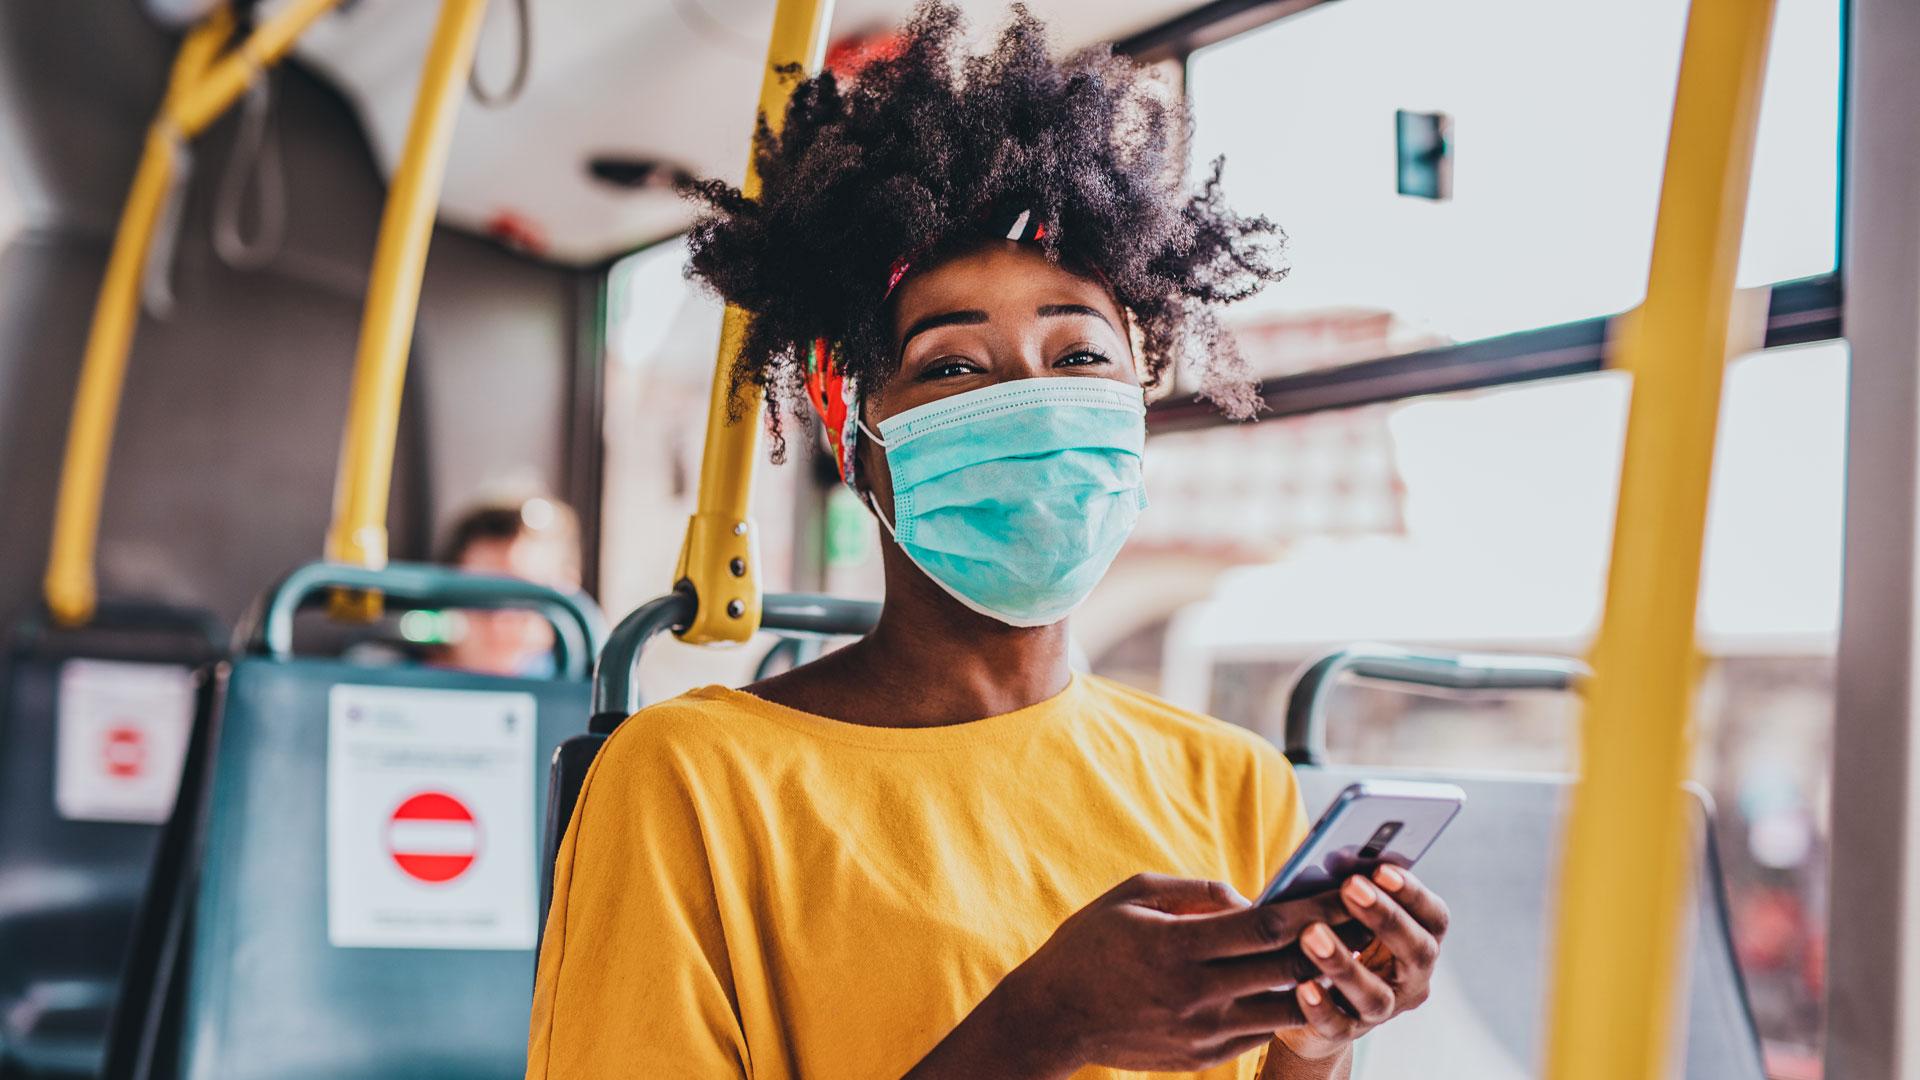 Mask are still Required on all Public Transportation per TSA through September 13, 2021